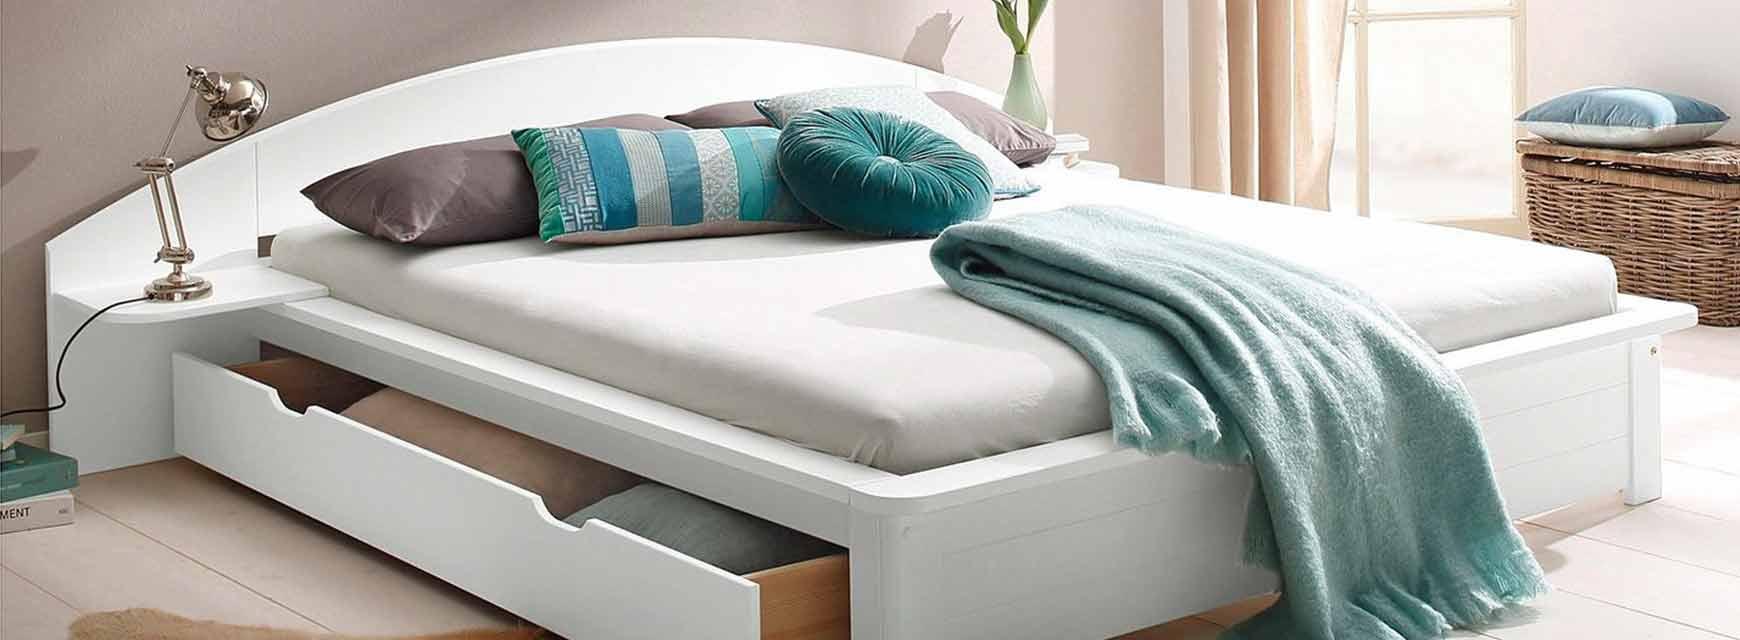 Full Size of Betten Mit Aufbewahrung Bett 120x200 180x200 160x200 140x200 Malm Ikea Vakuum Aufbewahrungsbox Aufbewahrungstasche Landhausstil Landhaus Online Kaufen Bett Betten Mit Aufbewahrung